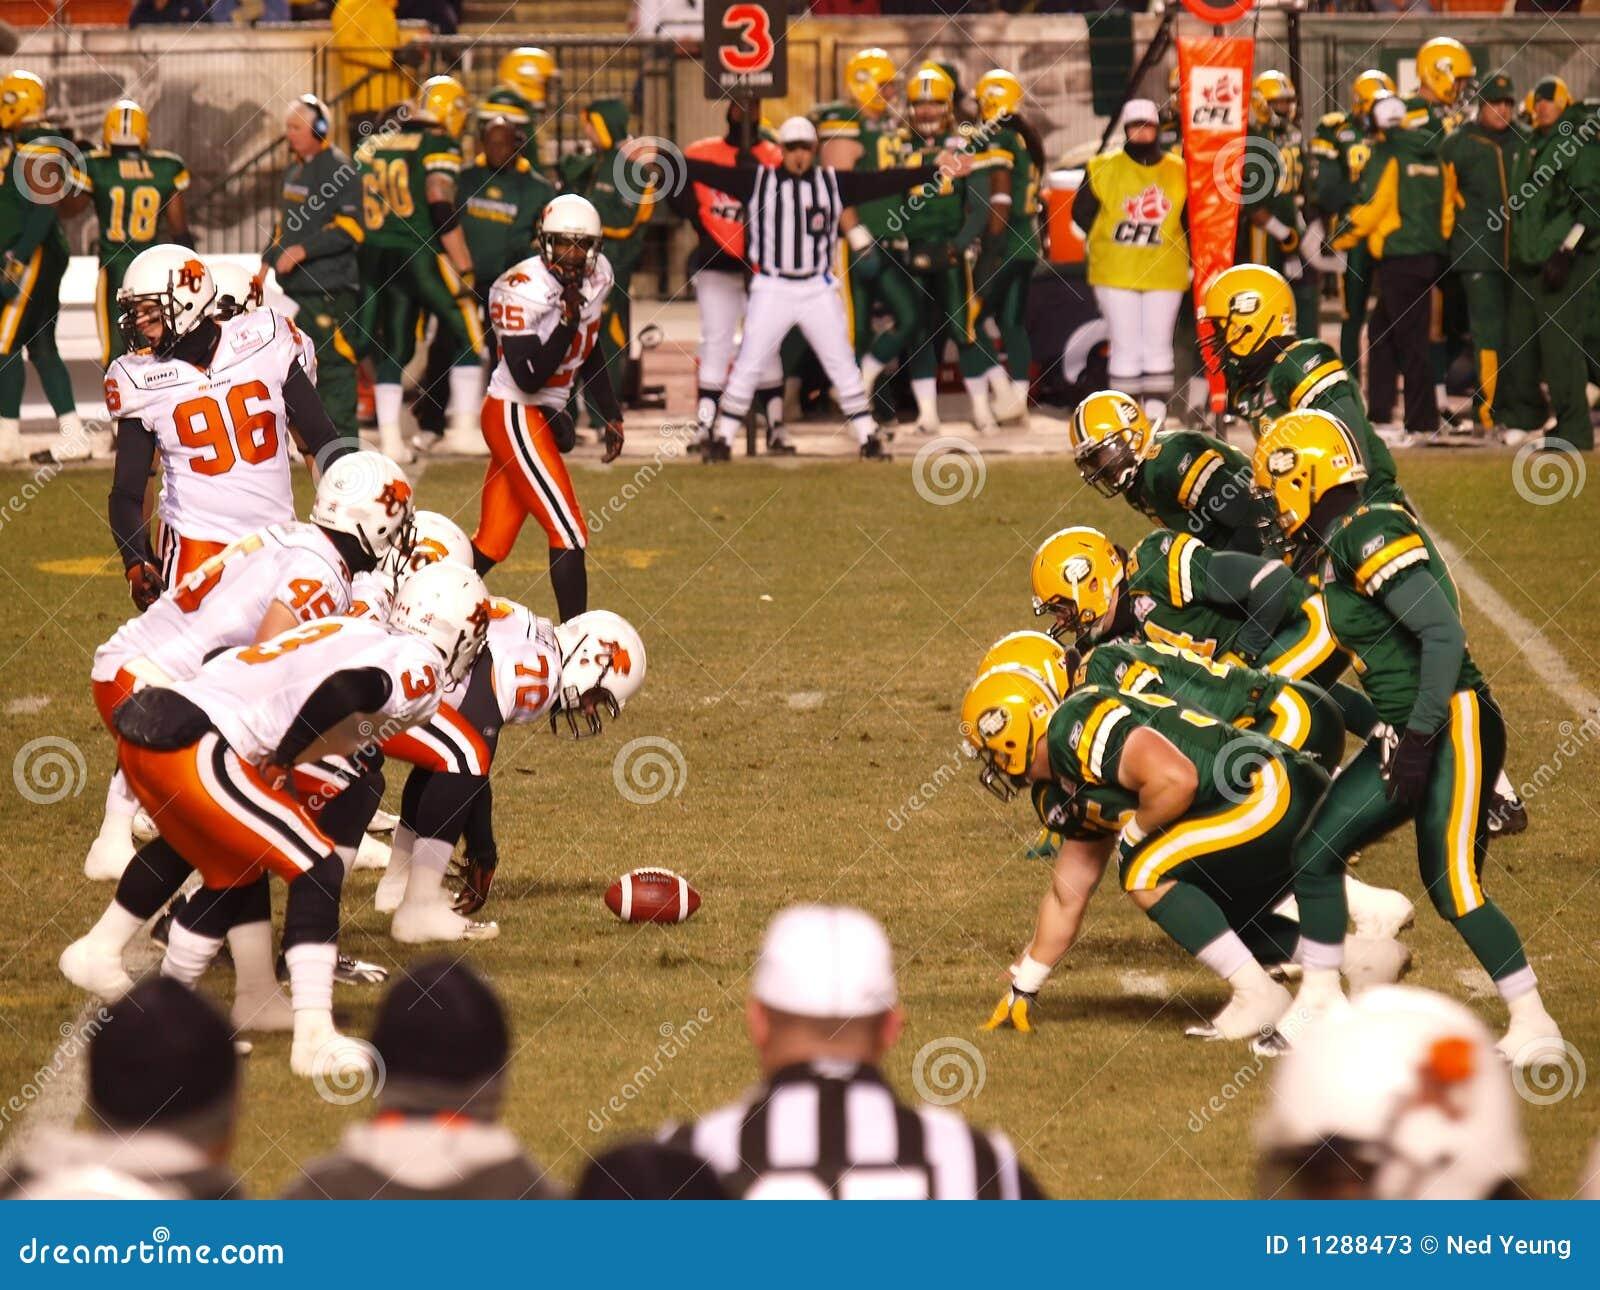 Edmonton Eskimos vs. B.C. Lions 1